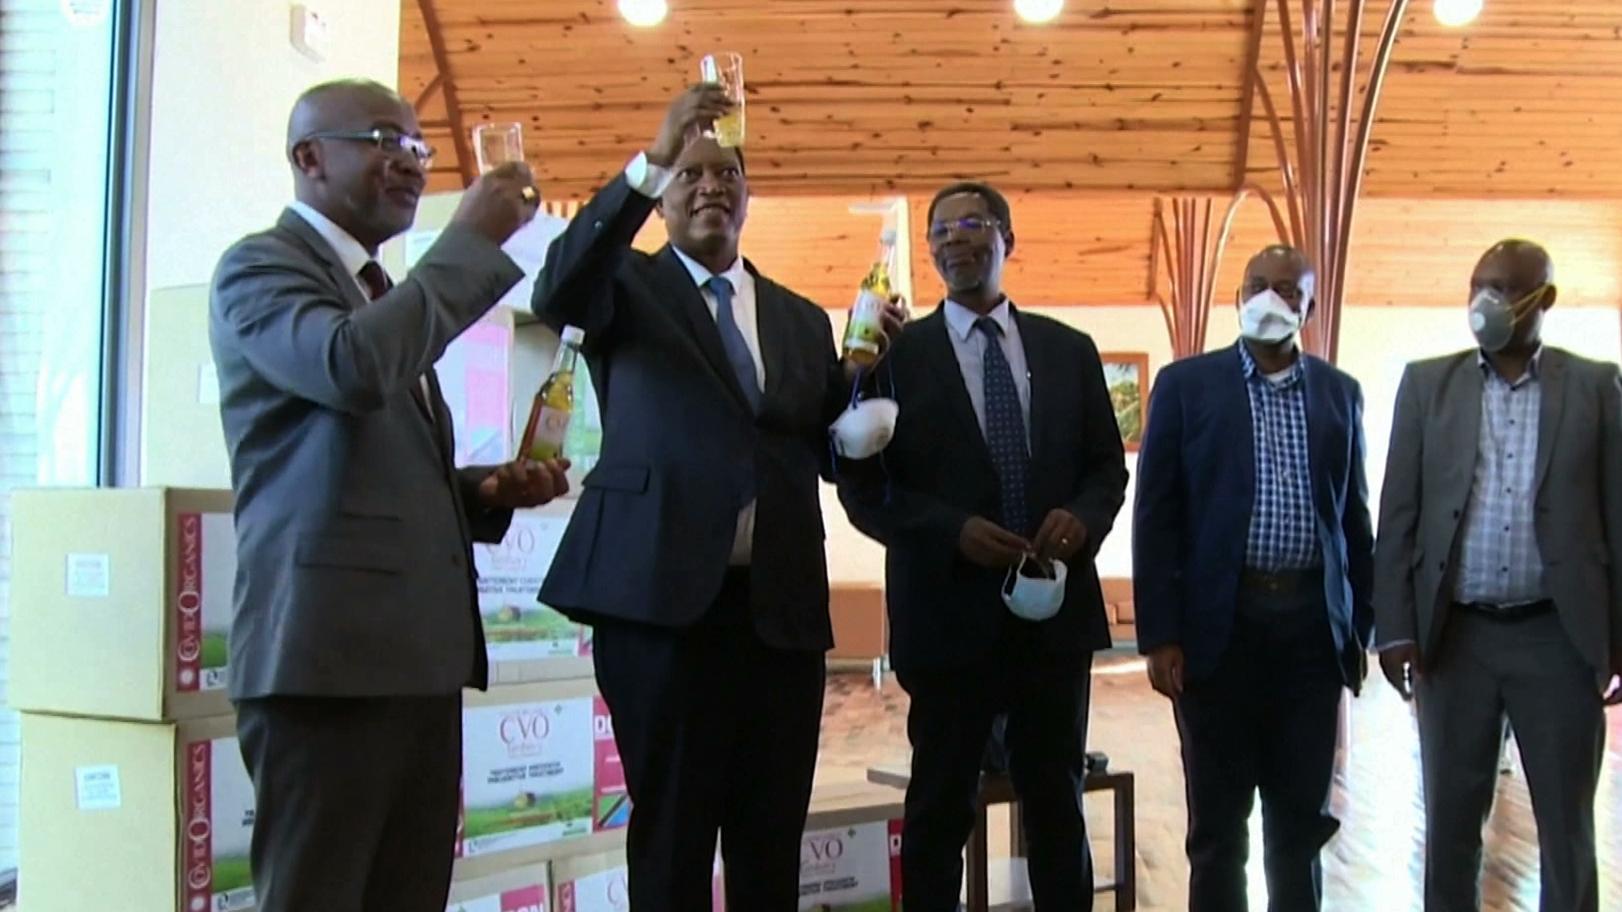 Preparat z Madagaskaru leczy COVID-19? WHO ostrzega przed nieprzebadanymi środkami